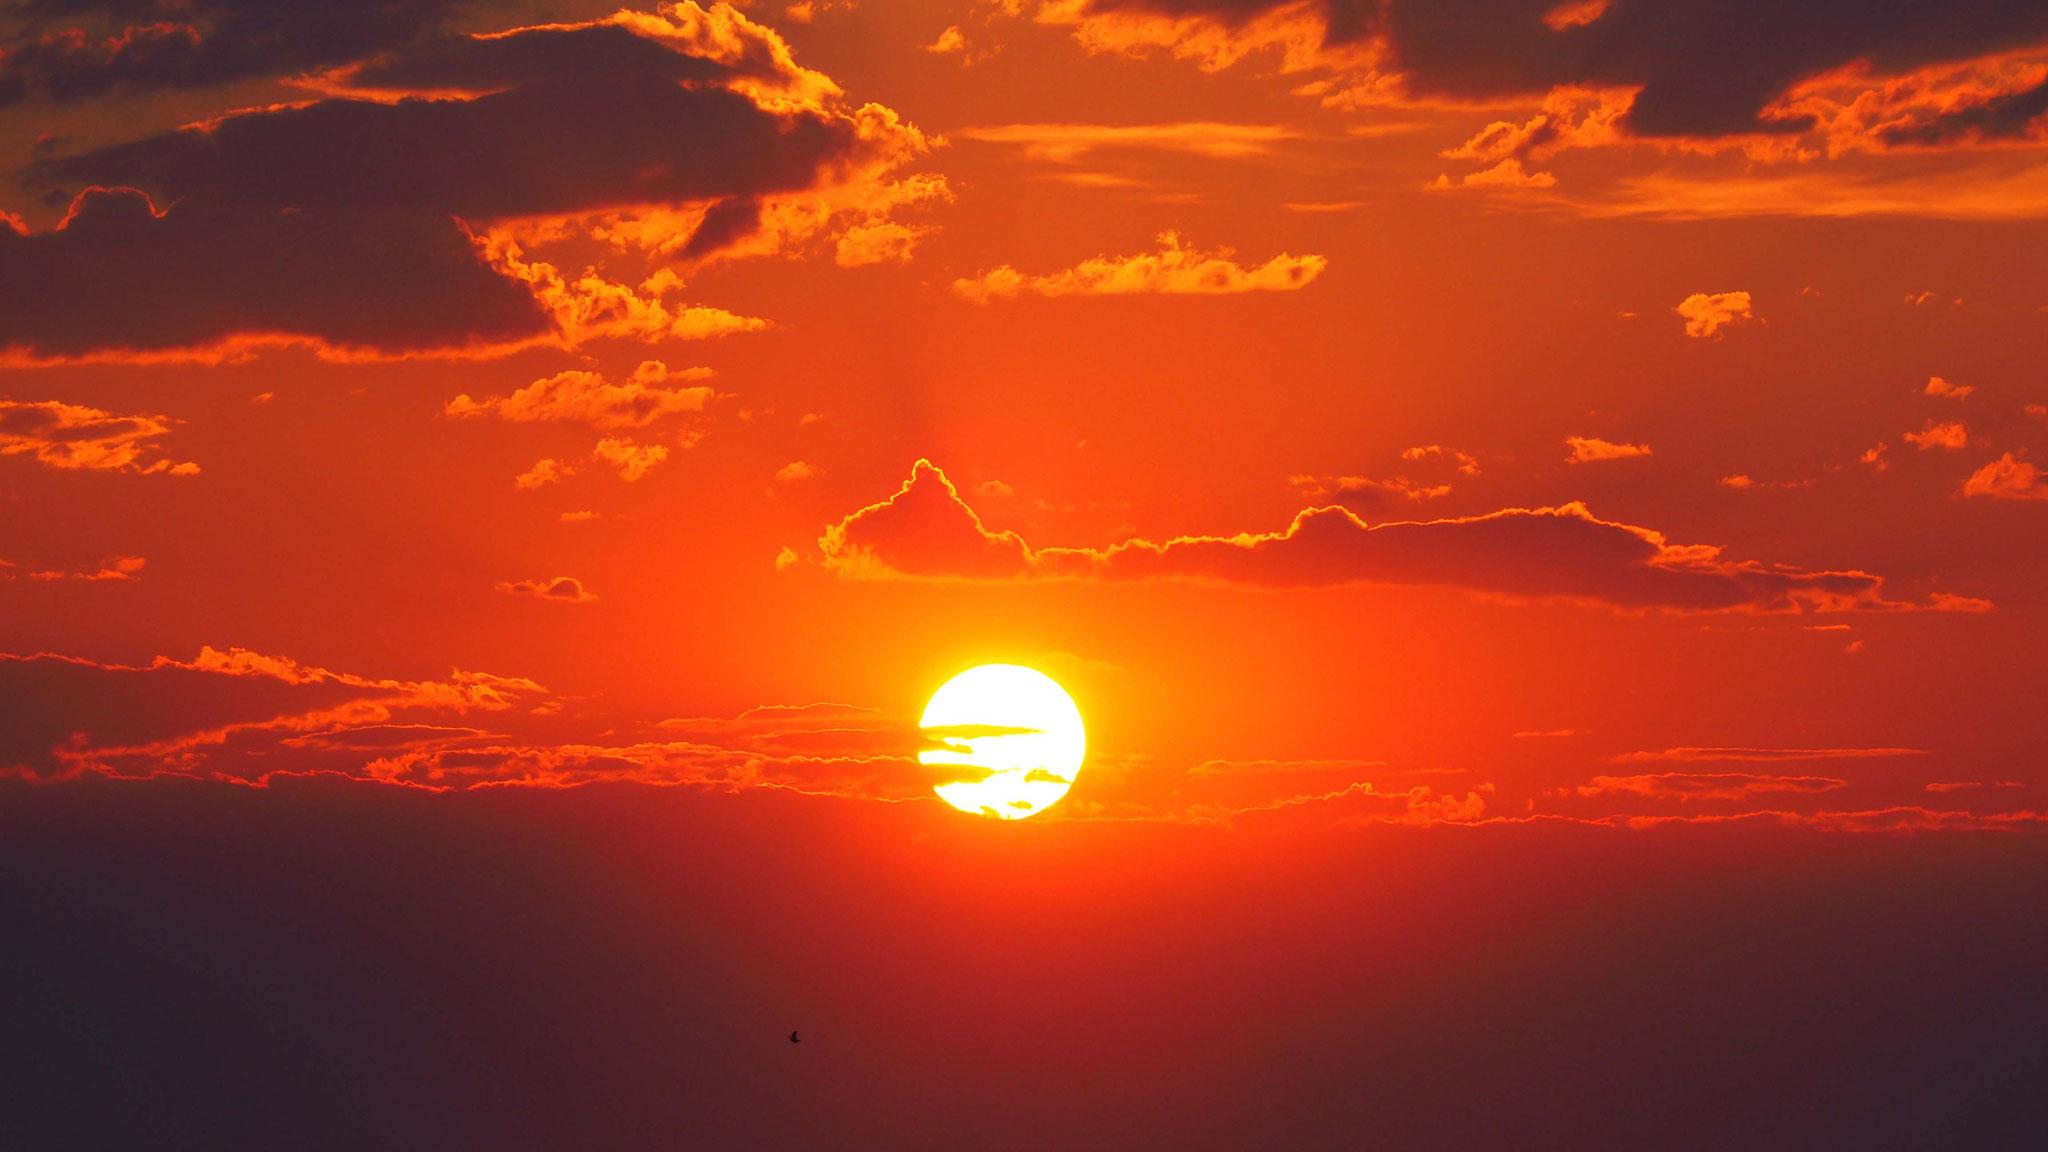 Coucher de soleil sur Namutoni - Namibie